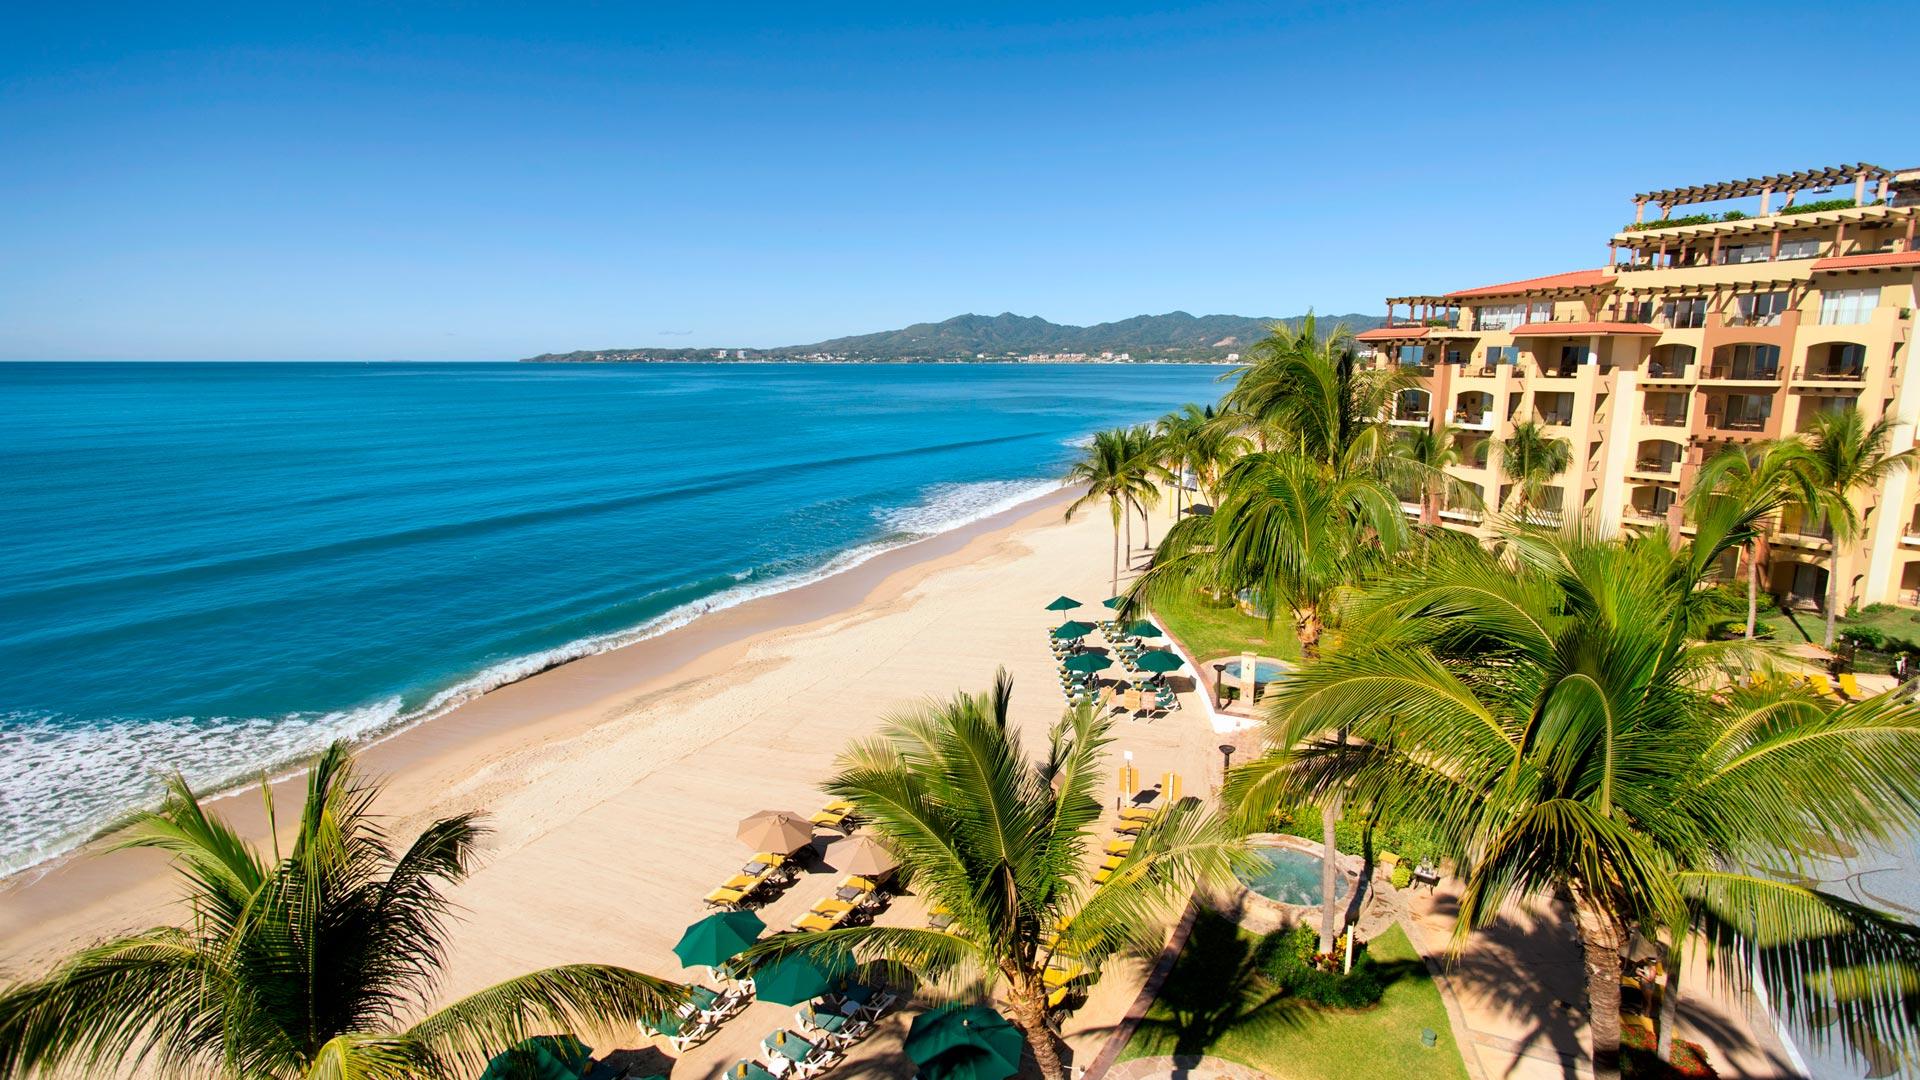 Villa la estancia riviera nayarit beach 01